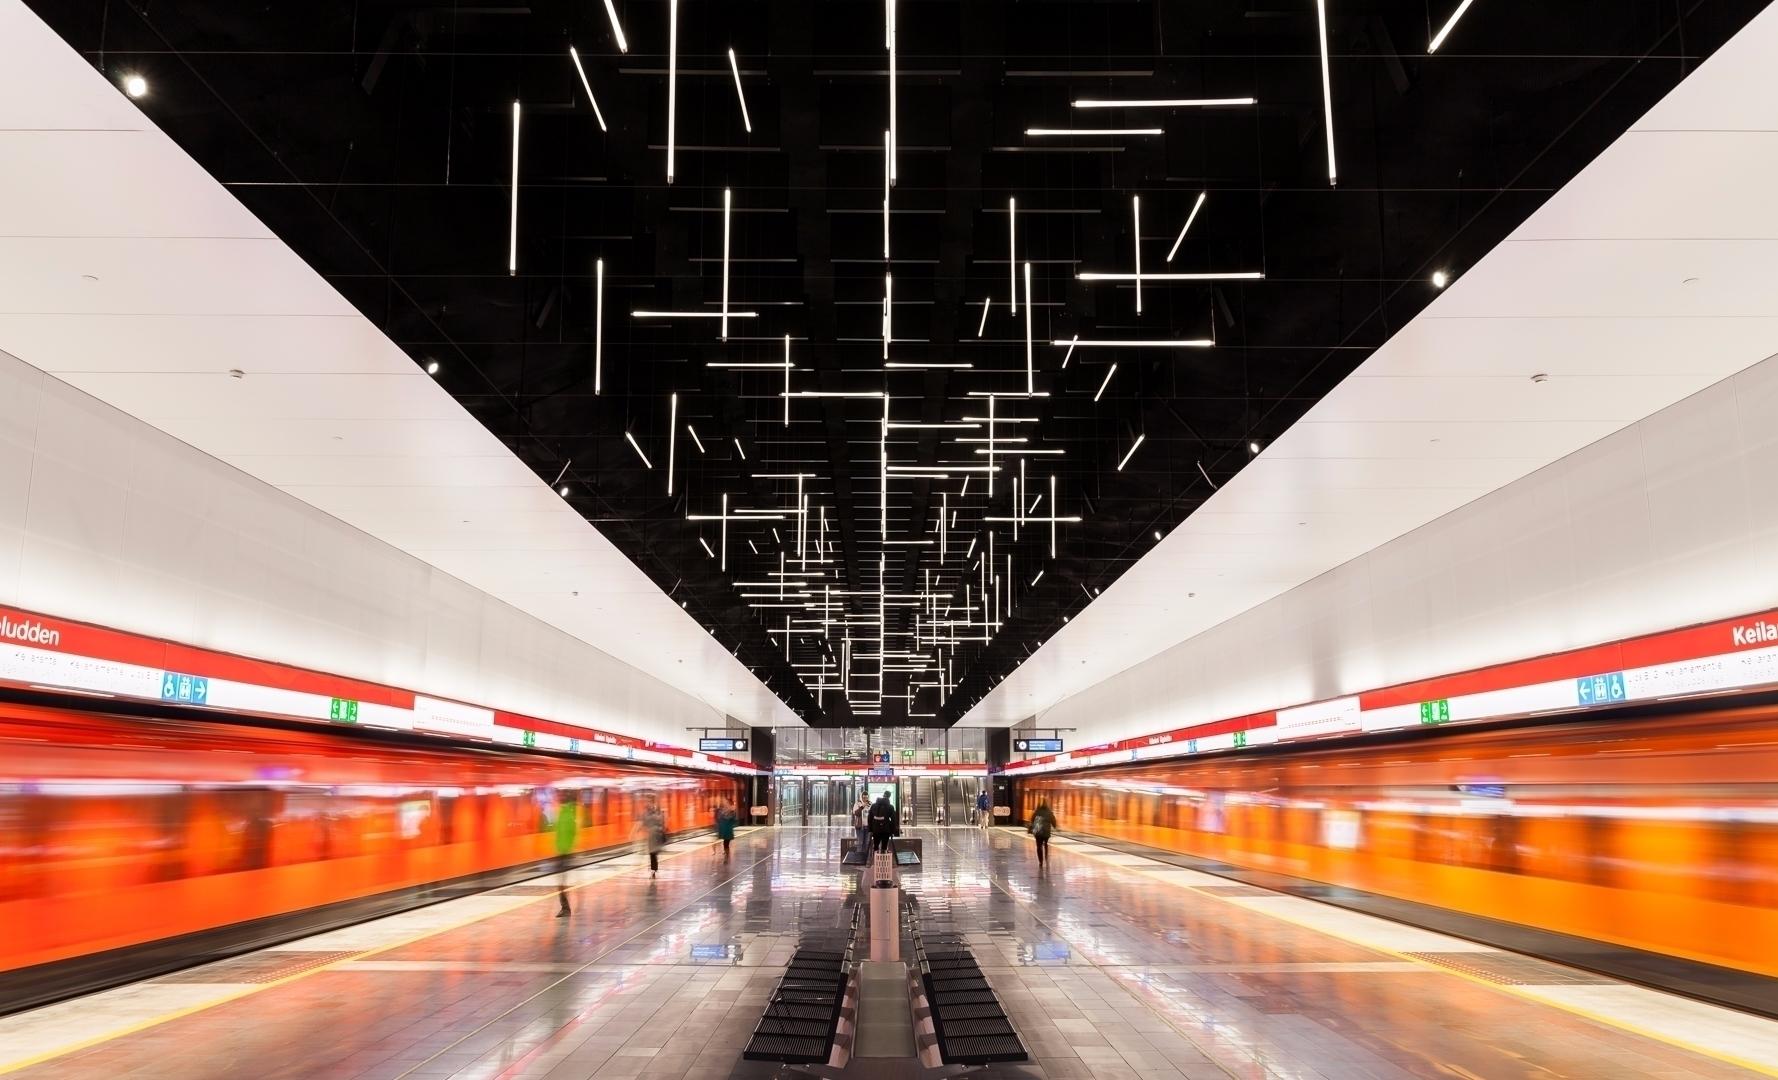 Keilaniemi - photography, metro - anttitassberg | ello